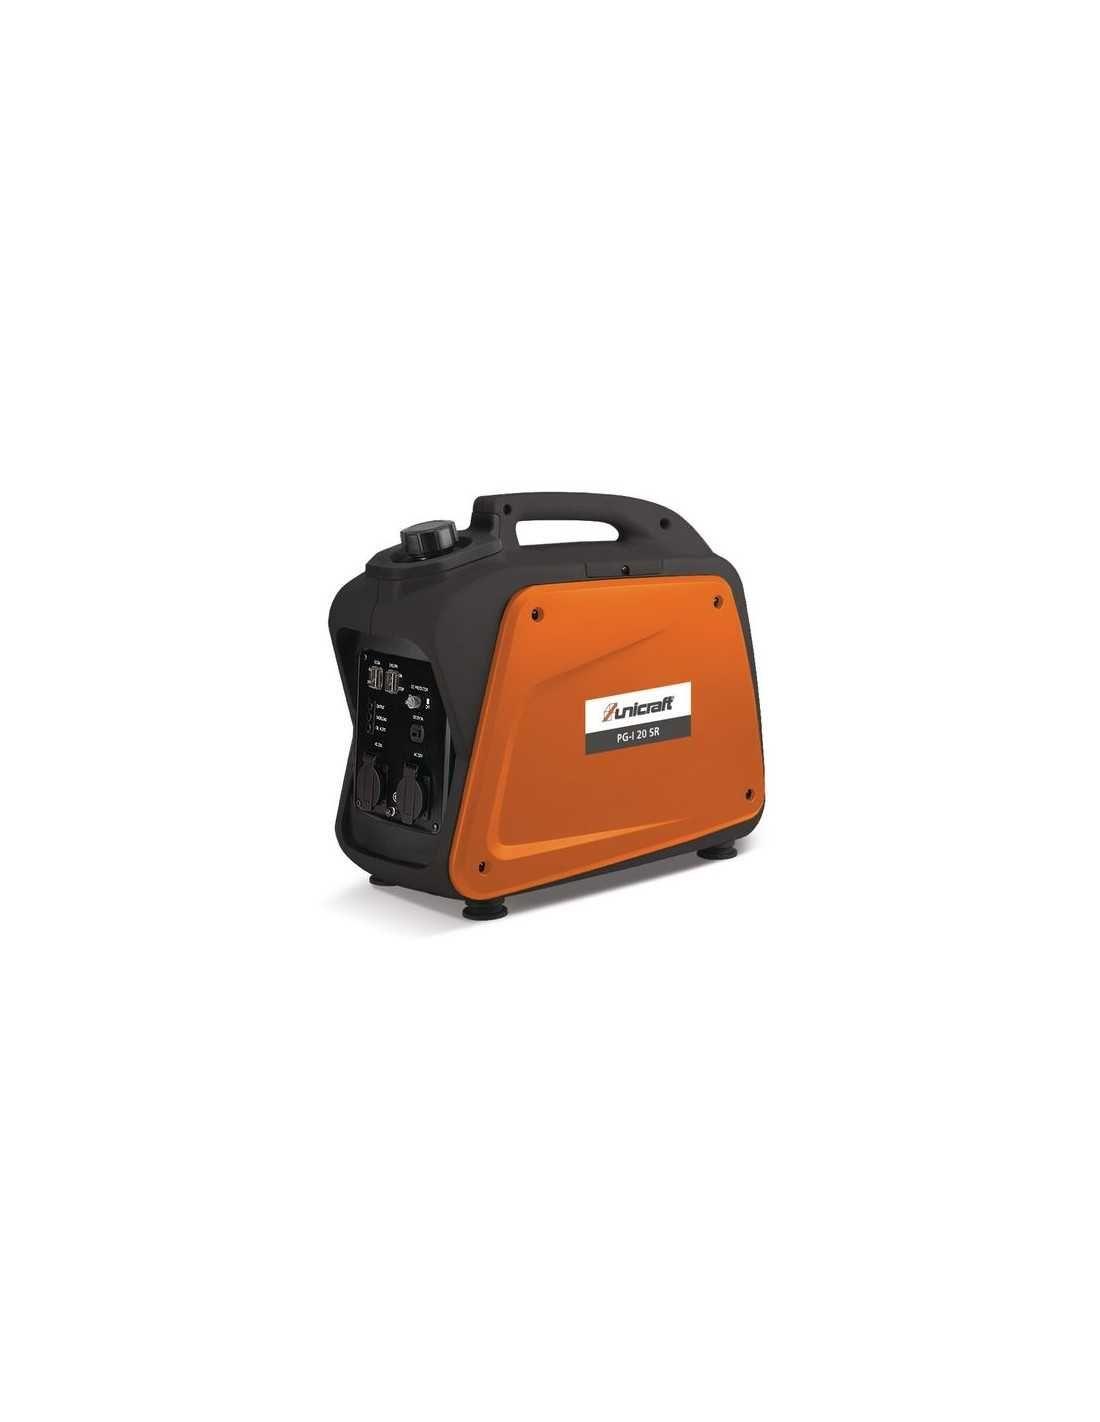 Gerador - Inverter a gasolina UNICRAFT PG-I 12 SR